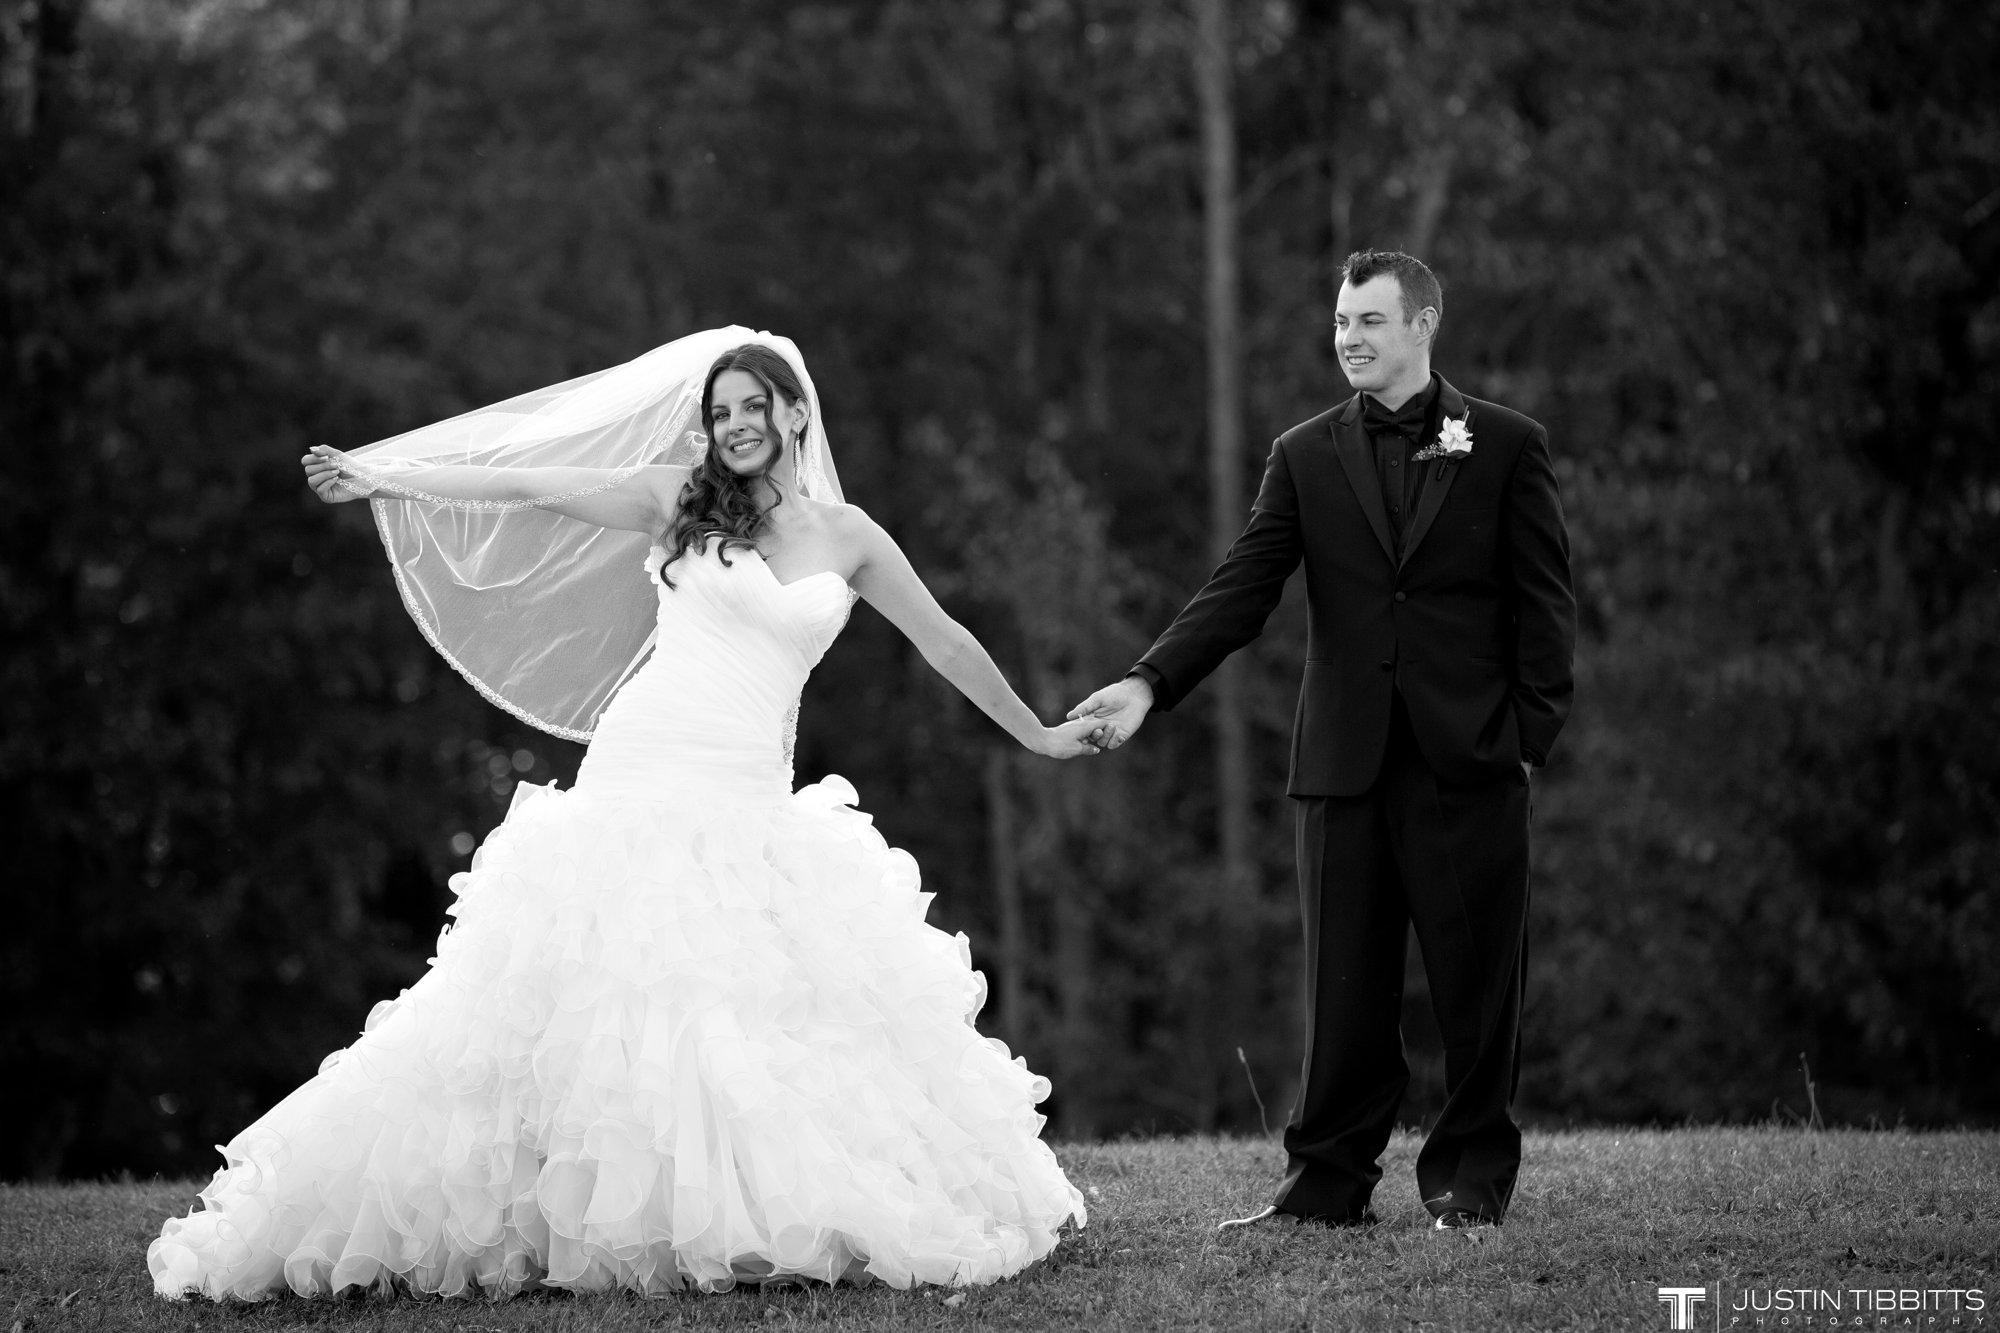 Albany NY Wedding Photographer Justin Tibbitts Photography 2014 Best of Albany NY Weddings-1874085